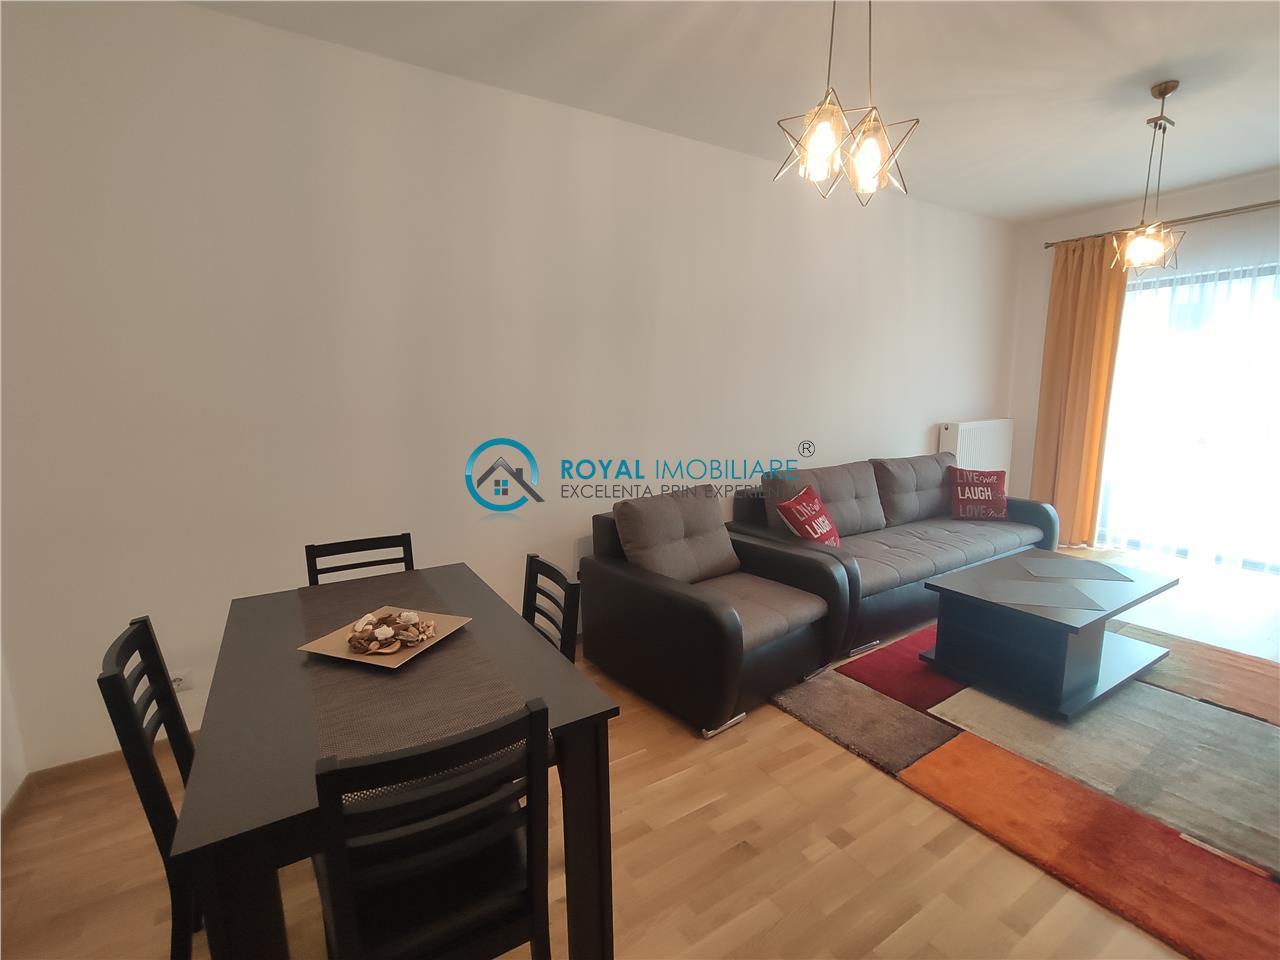 Royal Imobiliare   Inchiriere Apartament  zona Albert